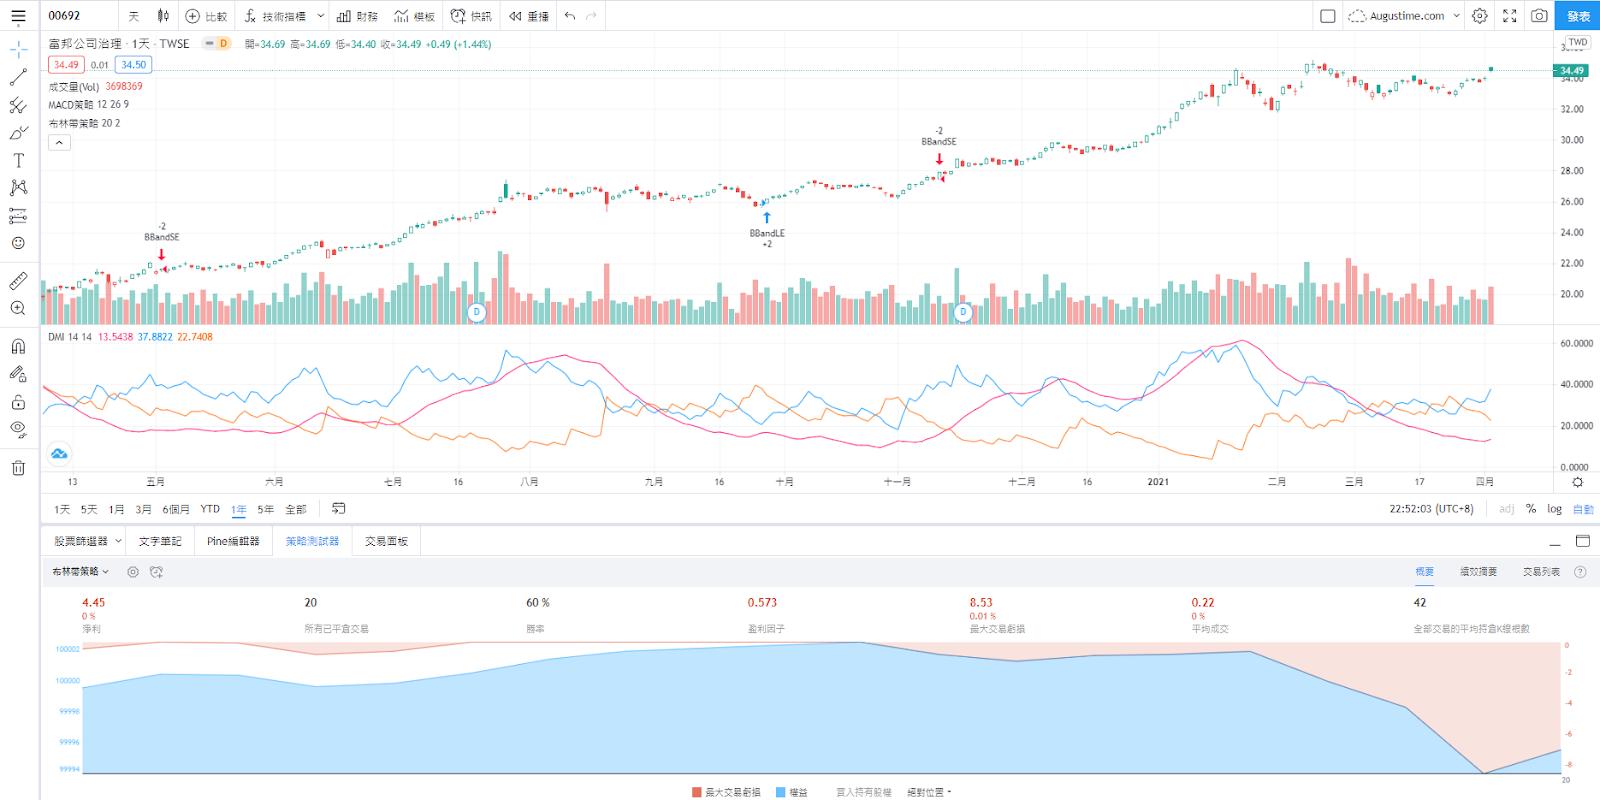 元大00850股價走勢圖與K線圖